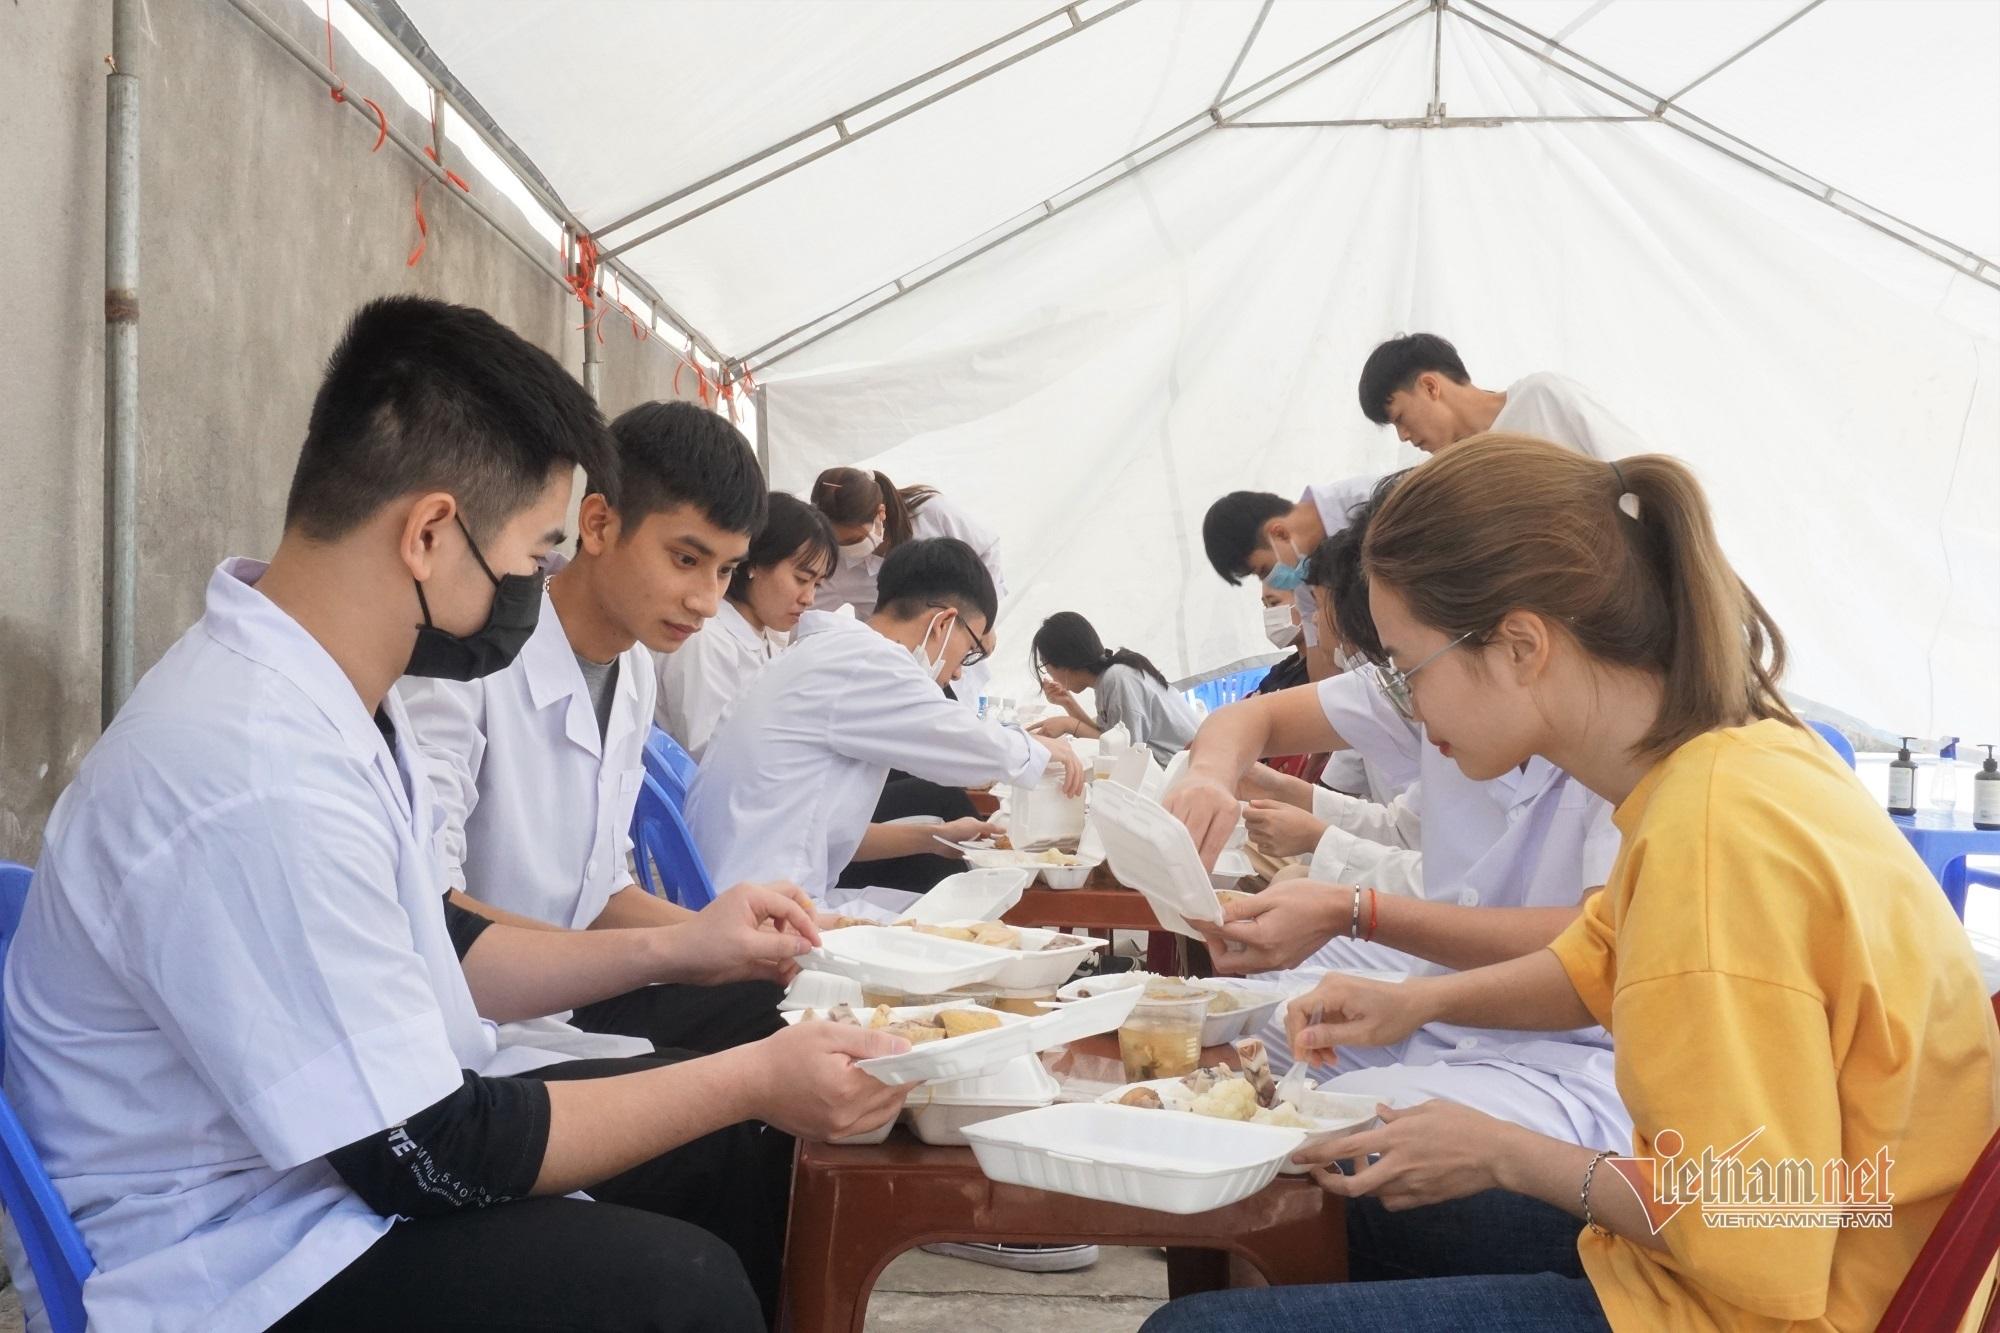 Những chuyến xe đáng nhớ của nhóm sinh viên tình nguyện vào tâm dịch